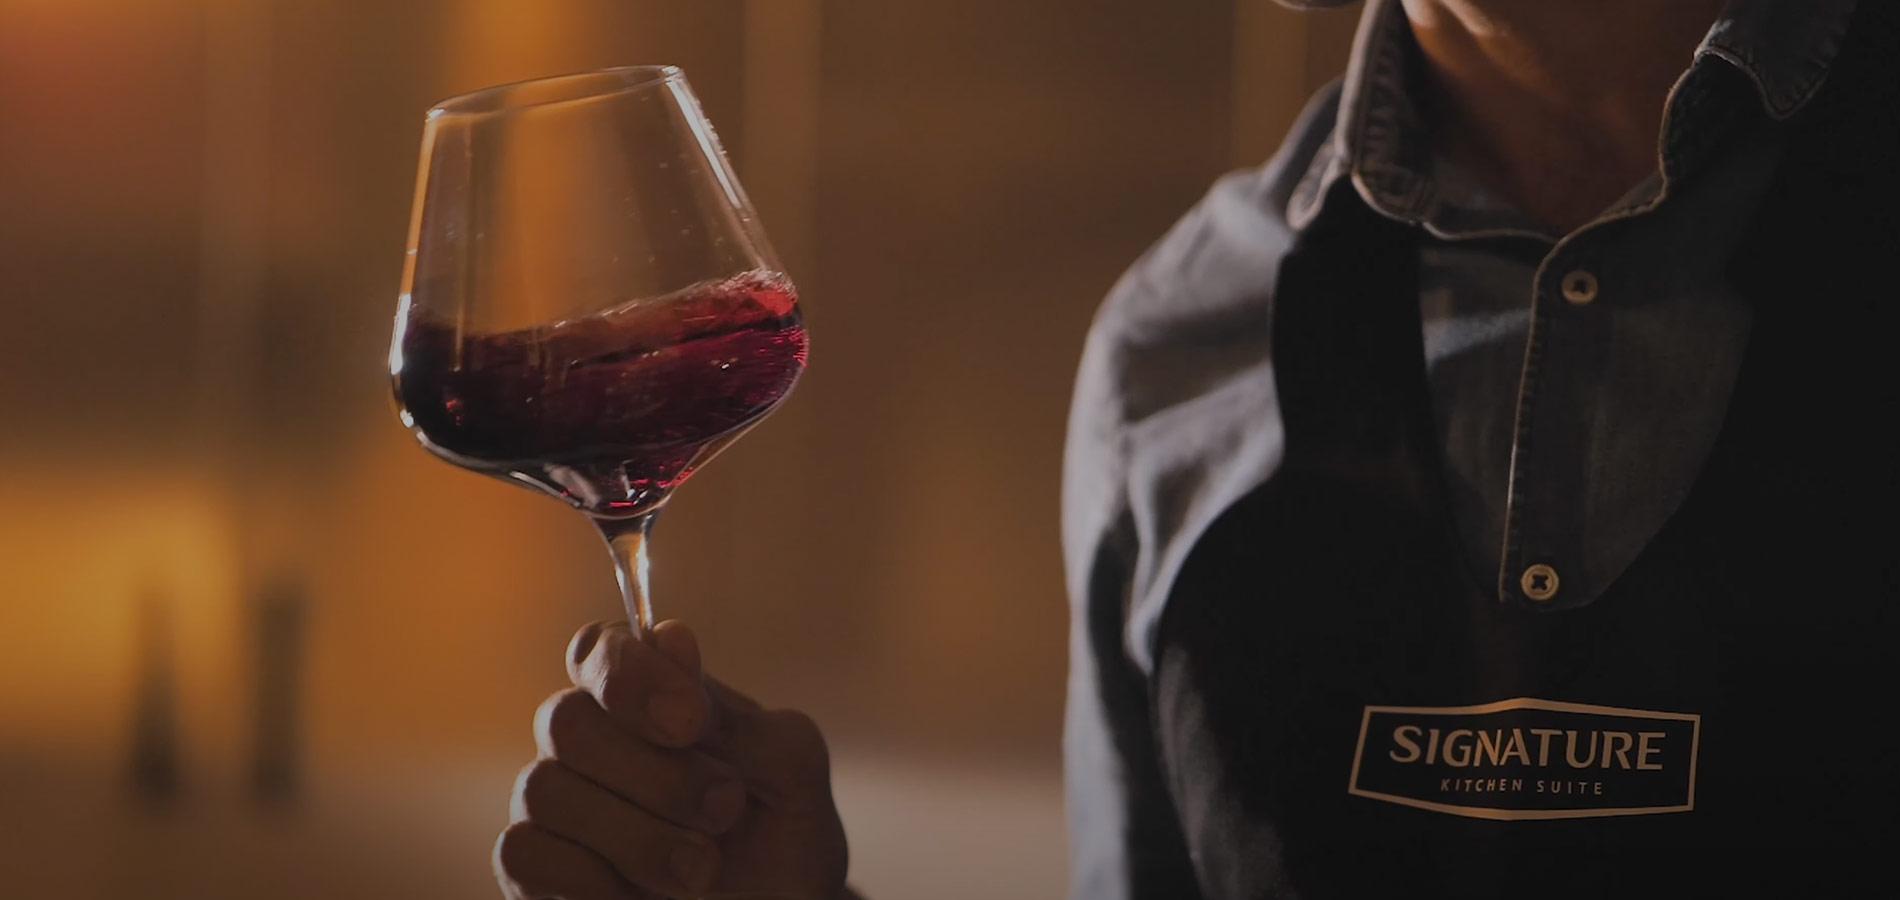 Il vitigno lettore del territorio Signature Kitchen Suite